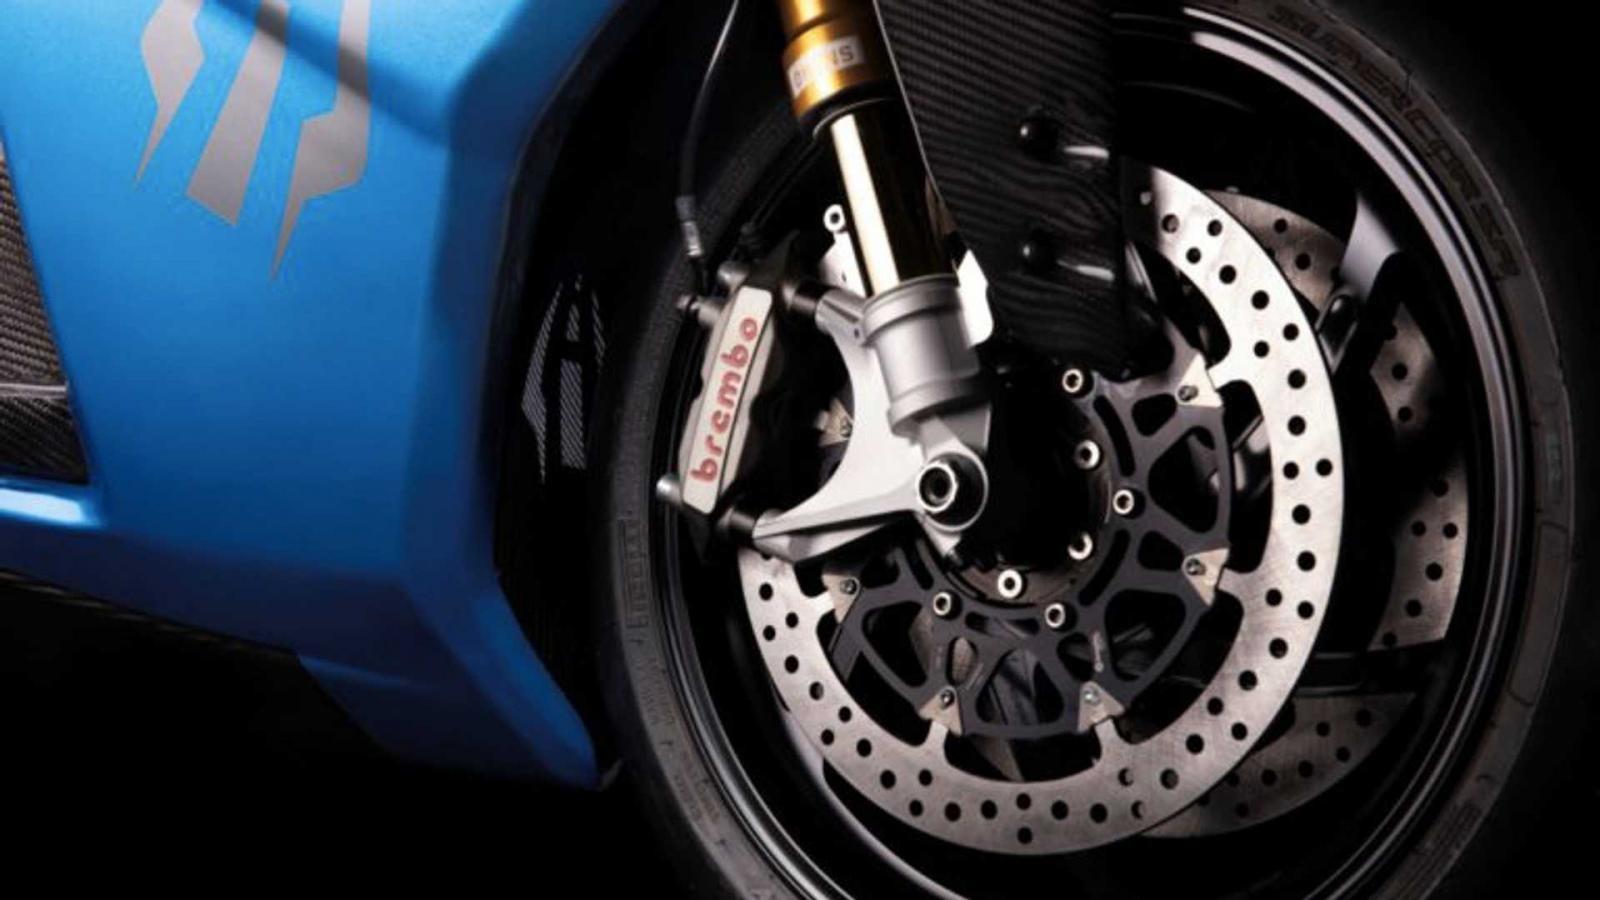 Hệ thống treo Ohlins, phanh Brembo và bảng đồng hồ AiM Strada sẽ là trang bị nâng cấp riêng